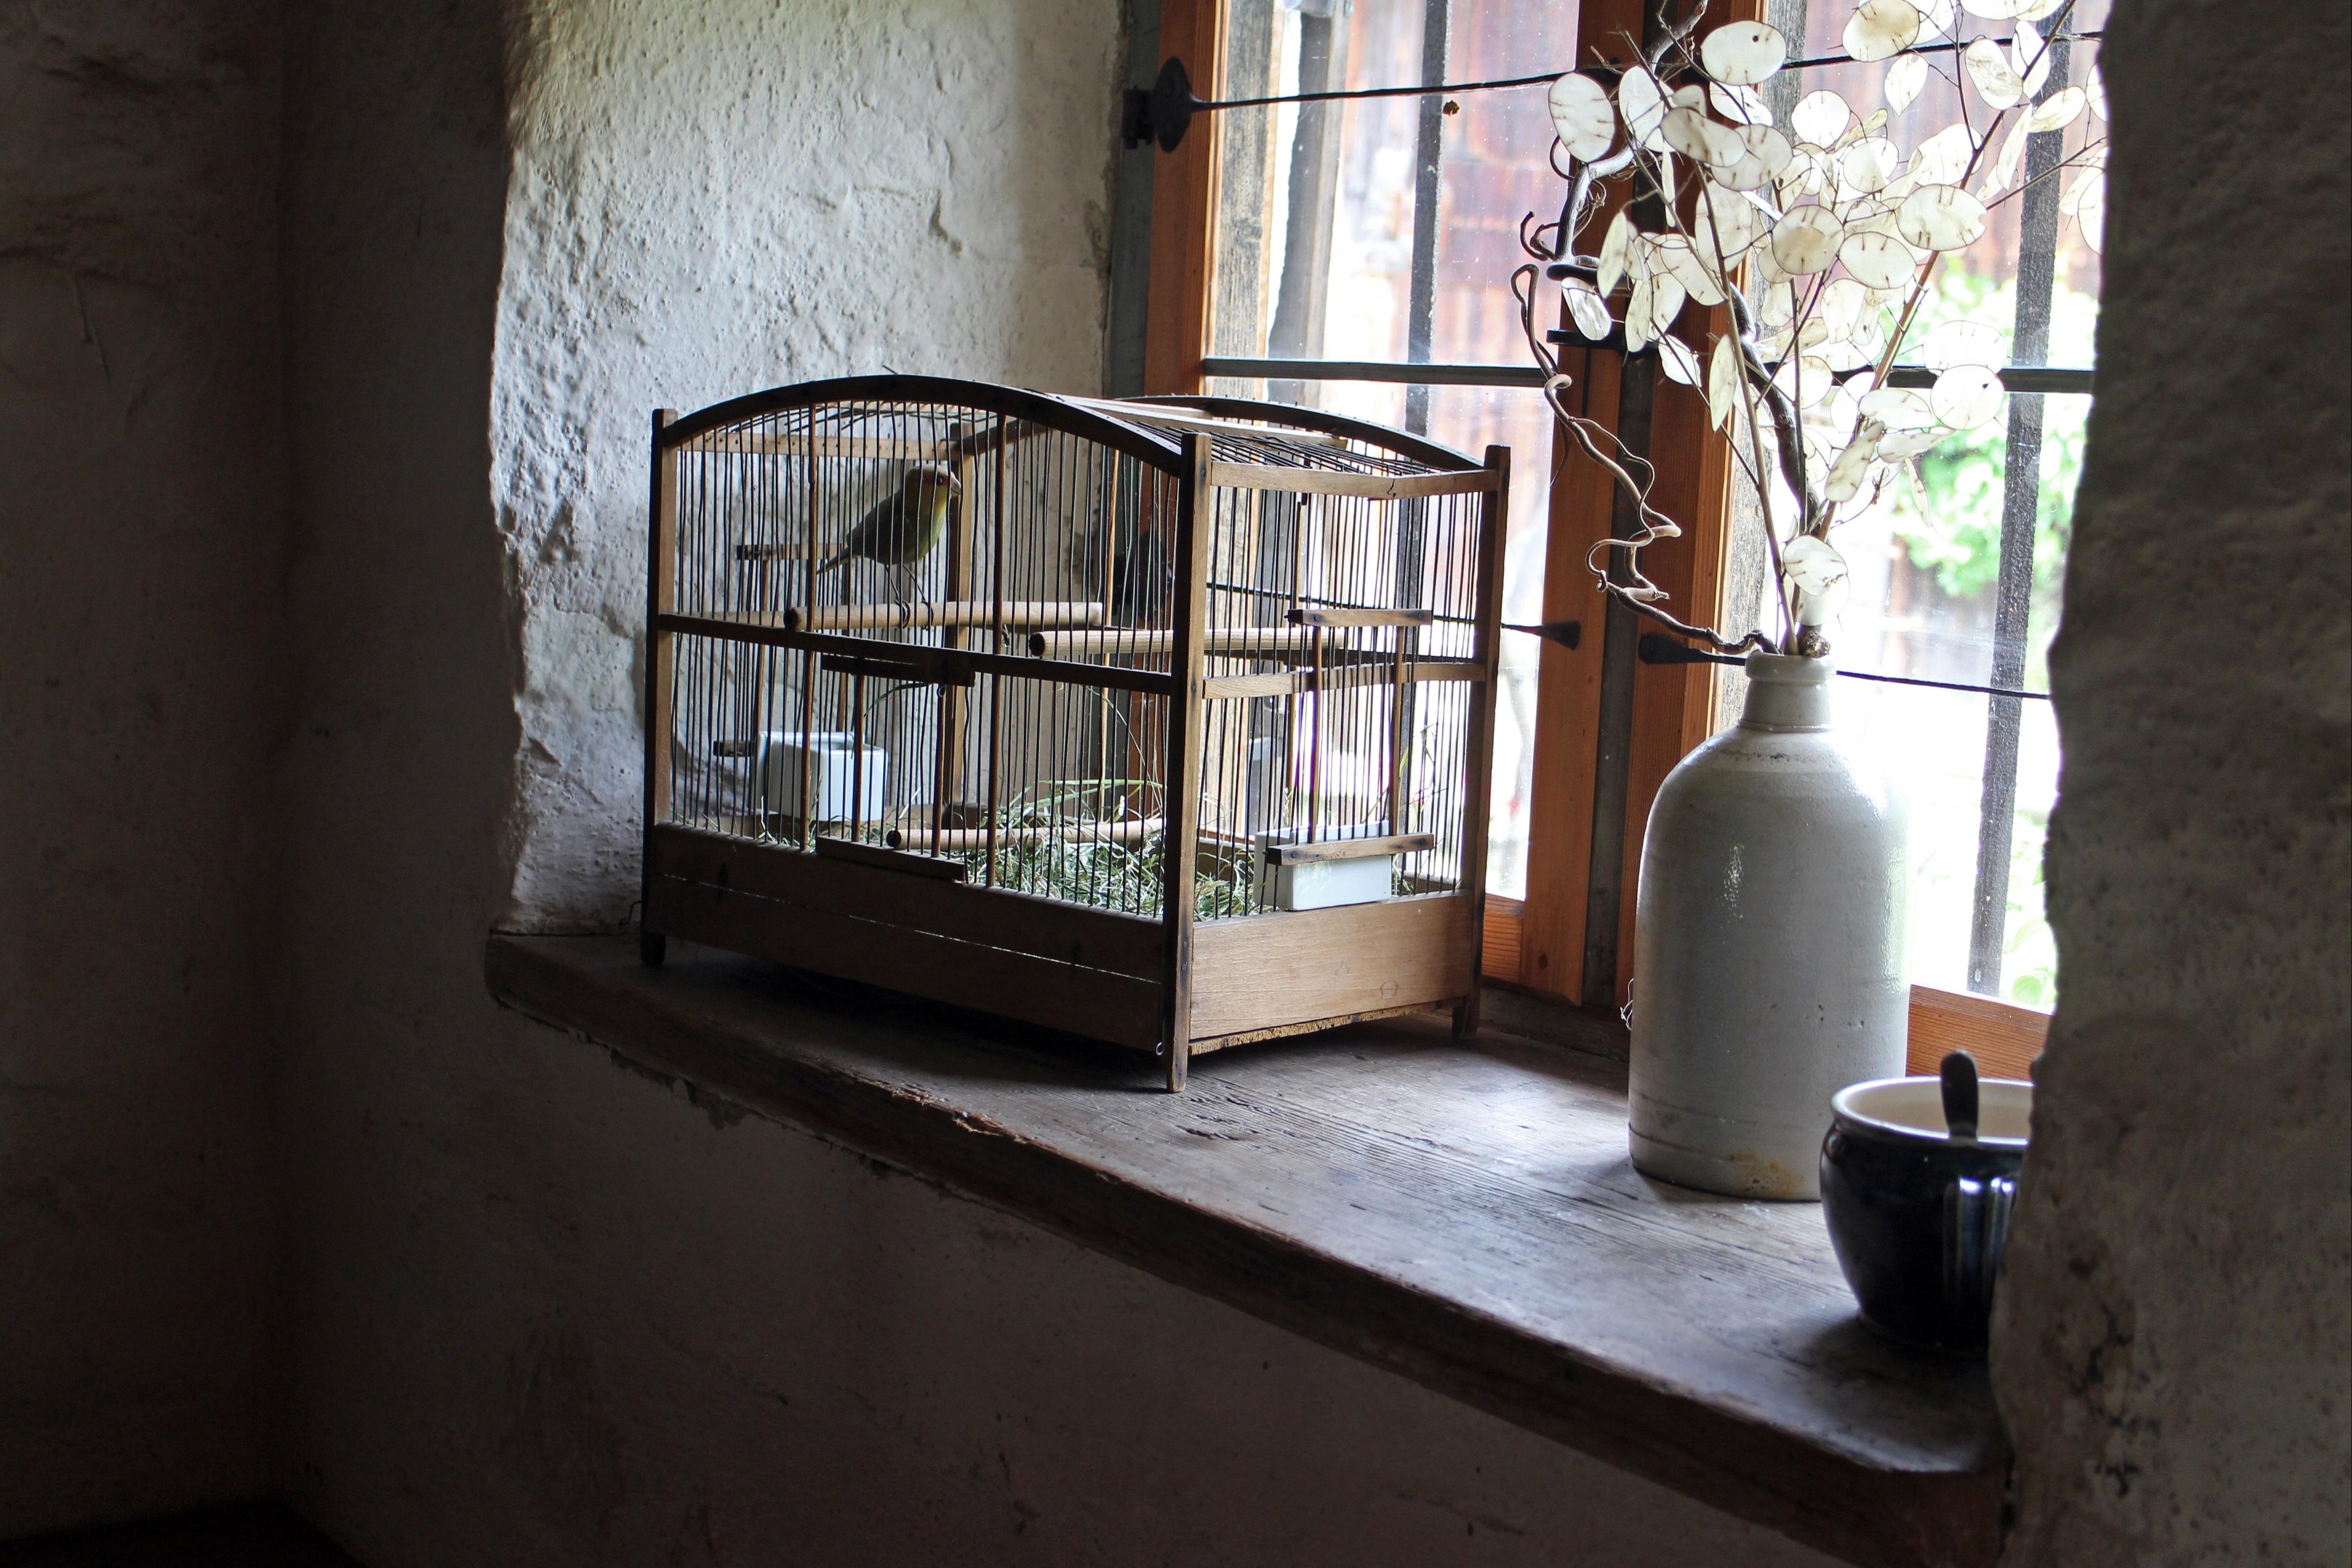 bird architecture wood house window home nostalgia